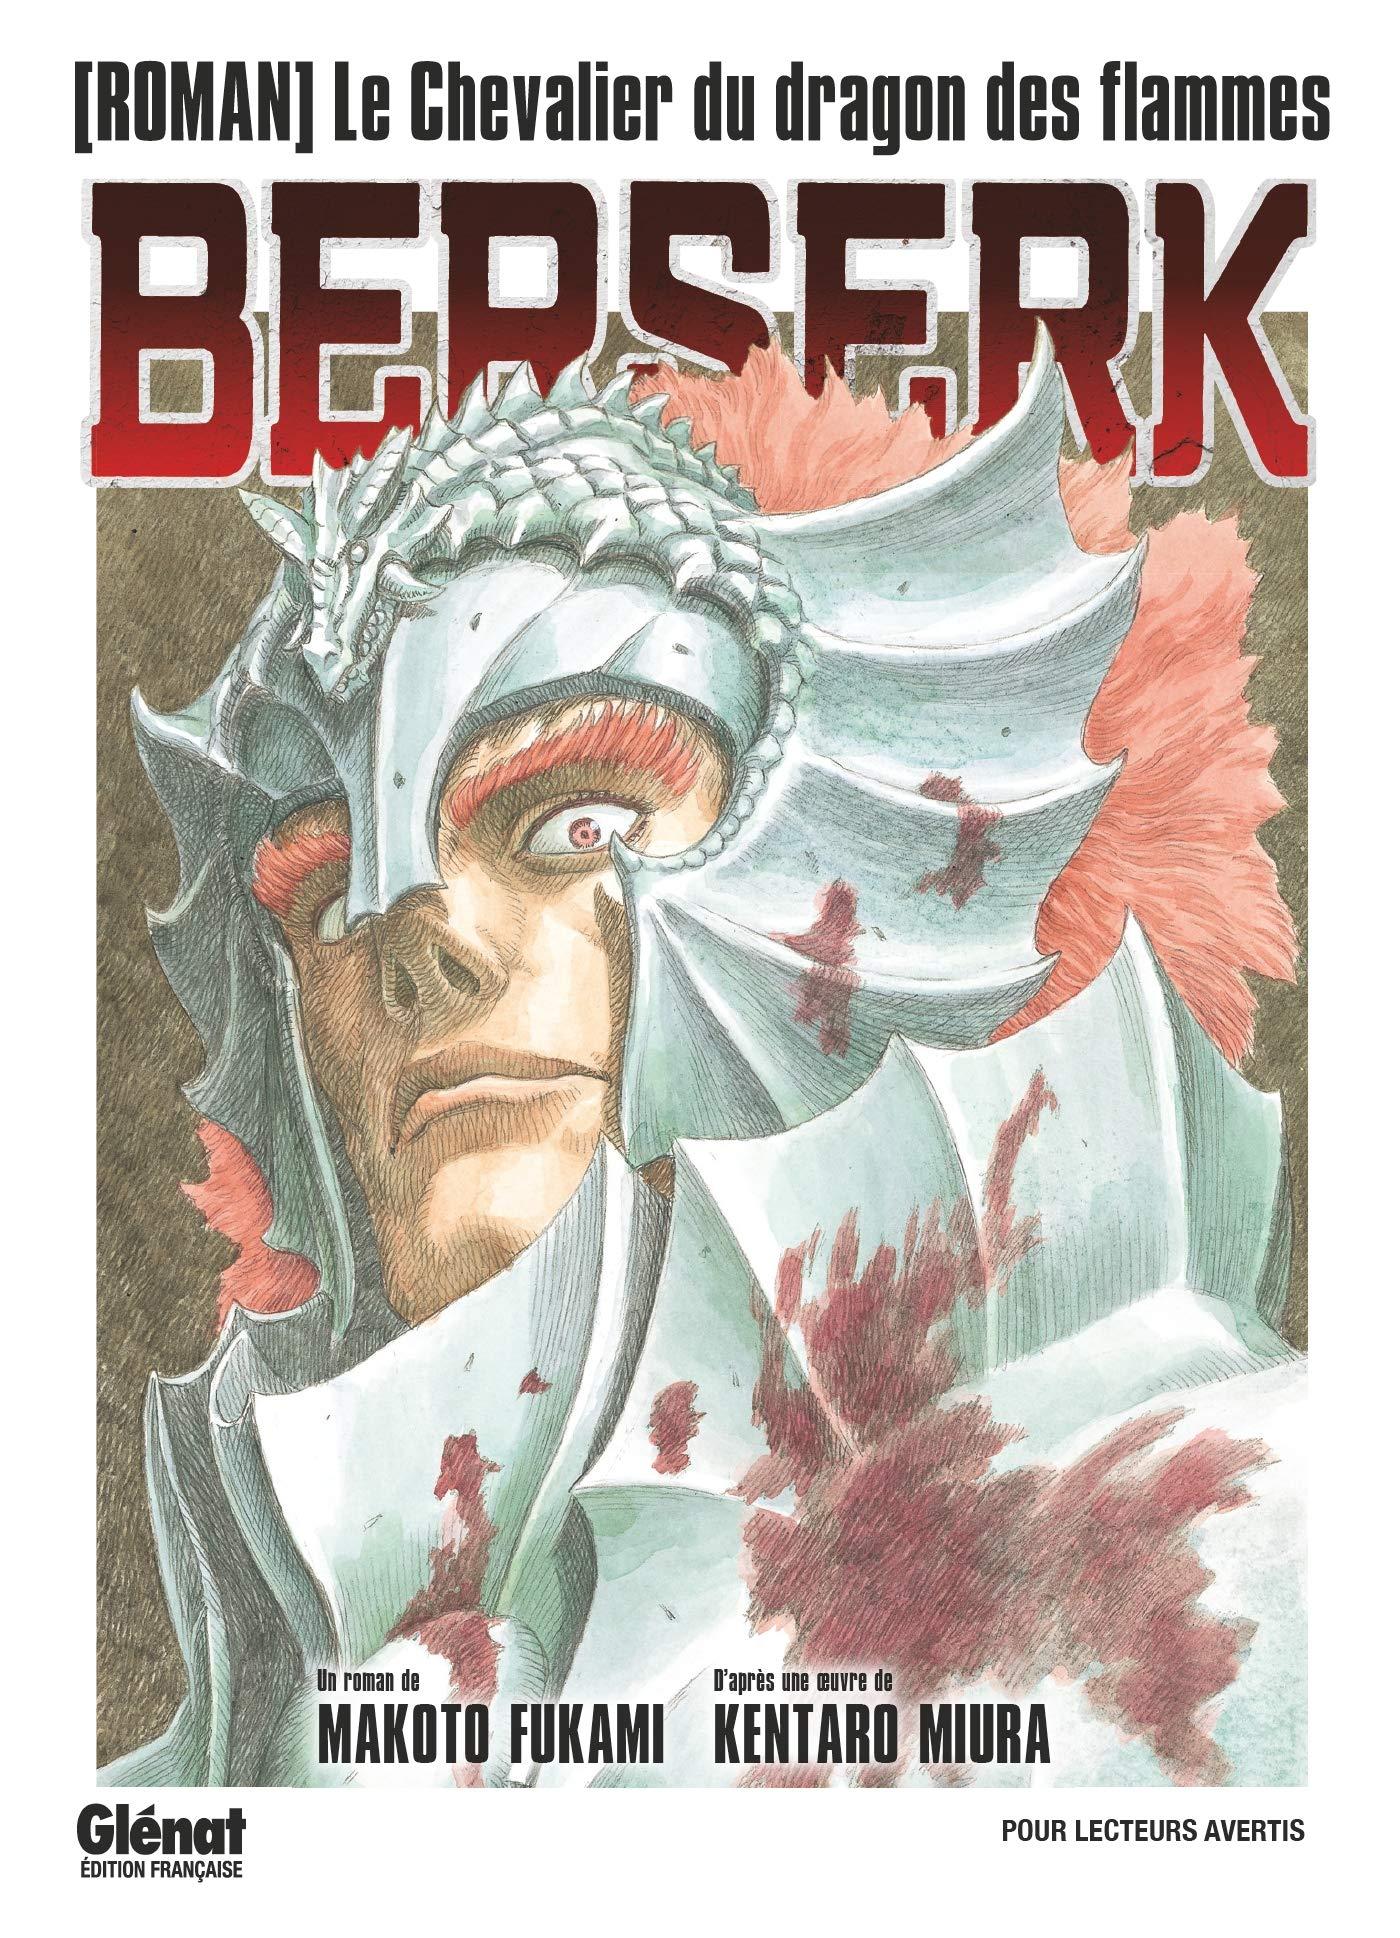 Berserk - Le chevalier du dragon de feu 1